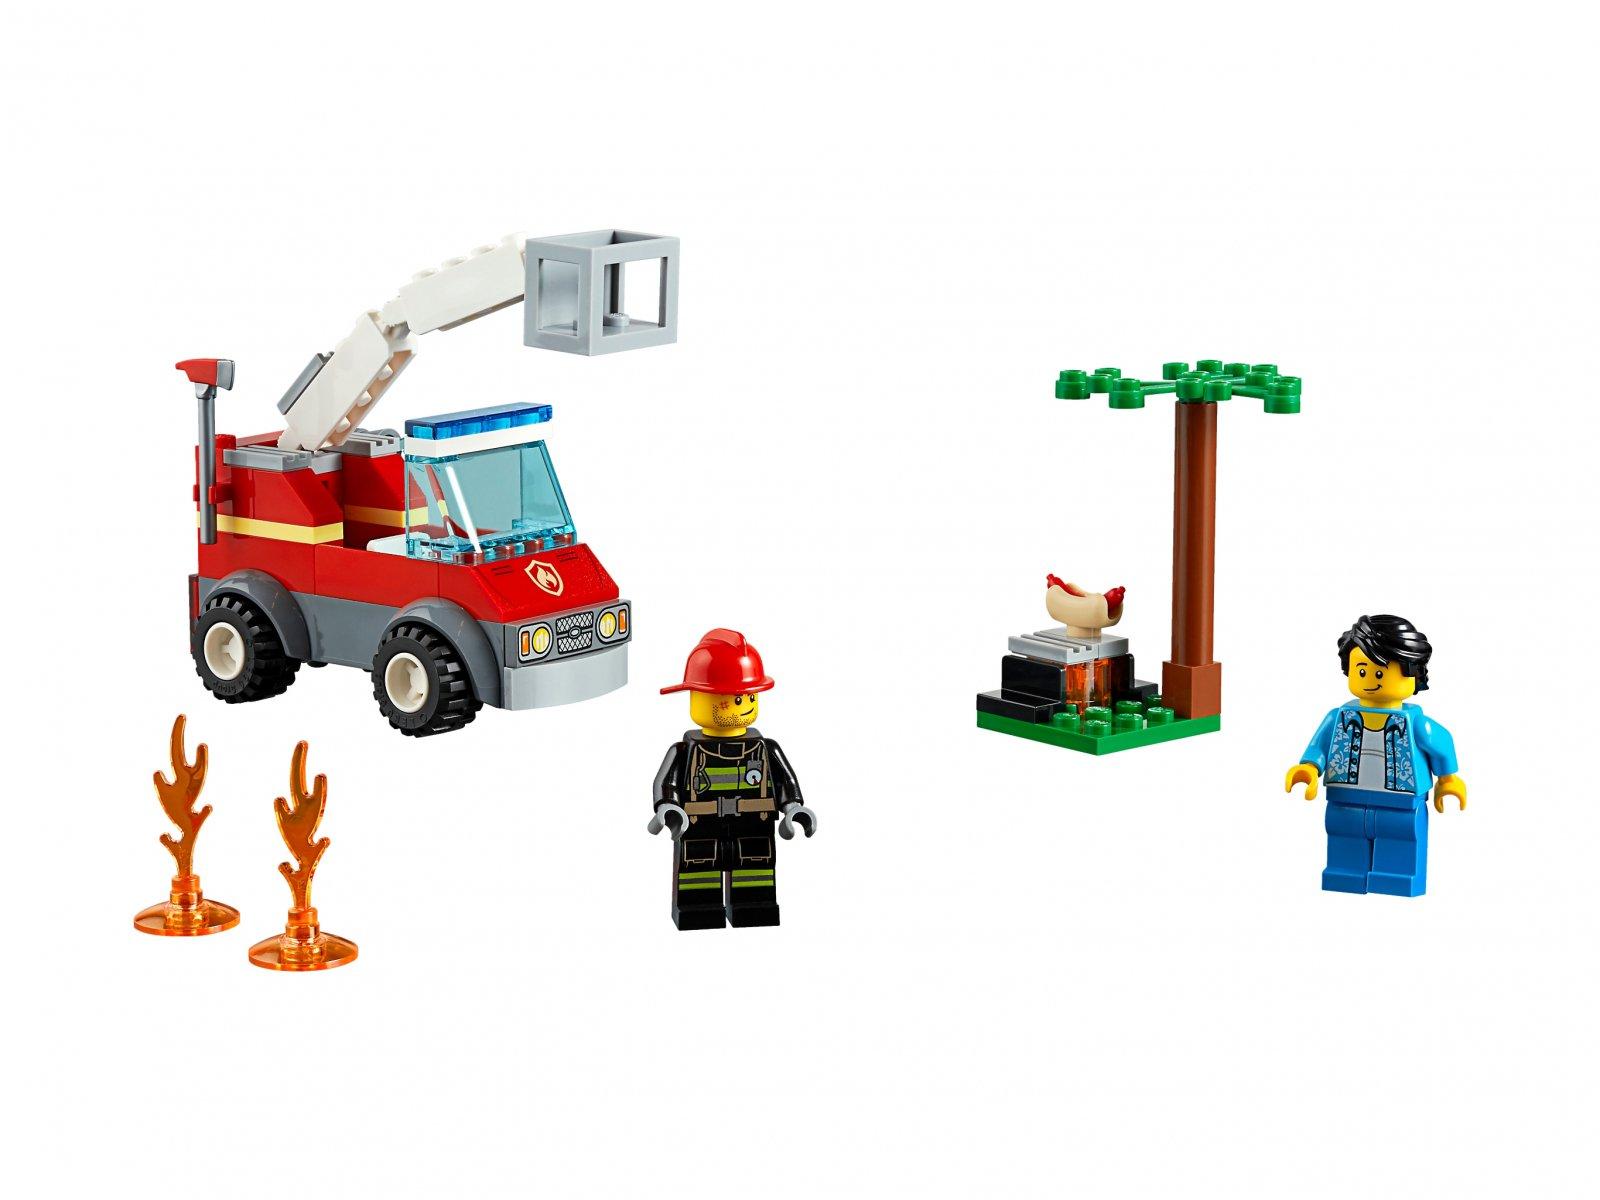 LEGO City Płonący grill